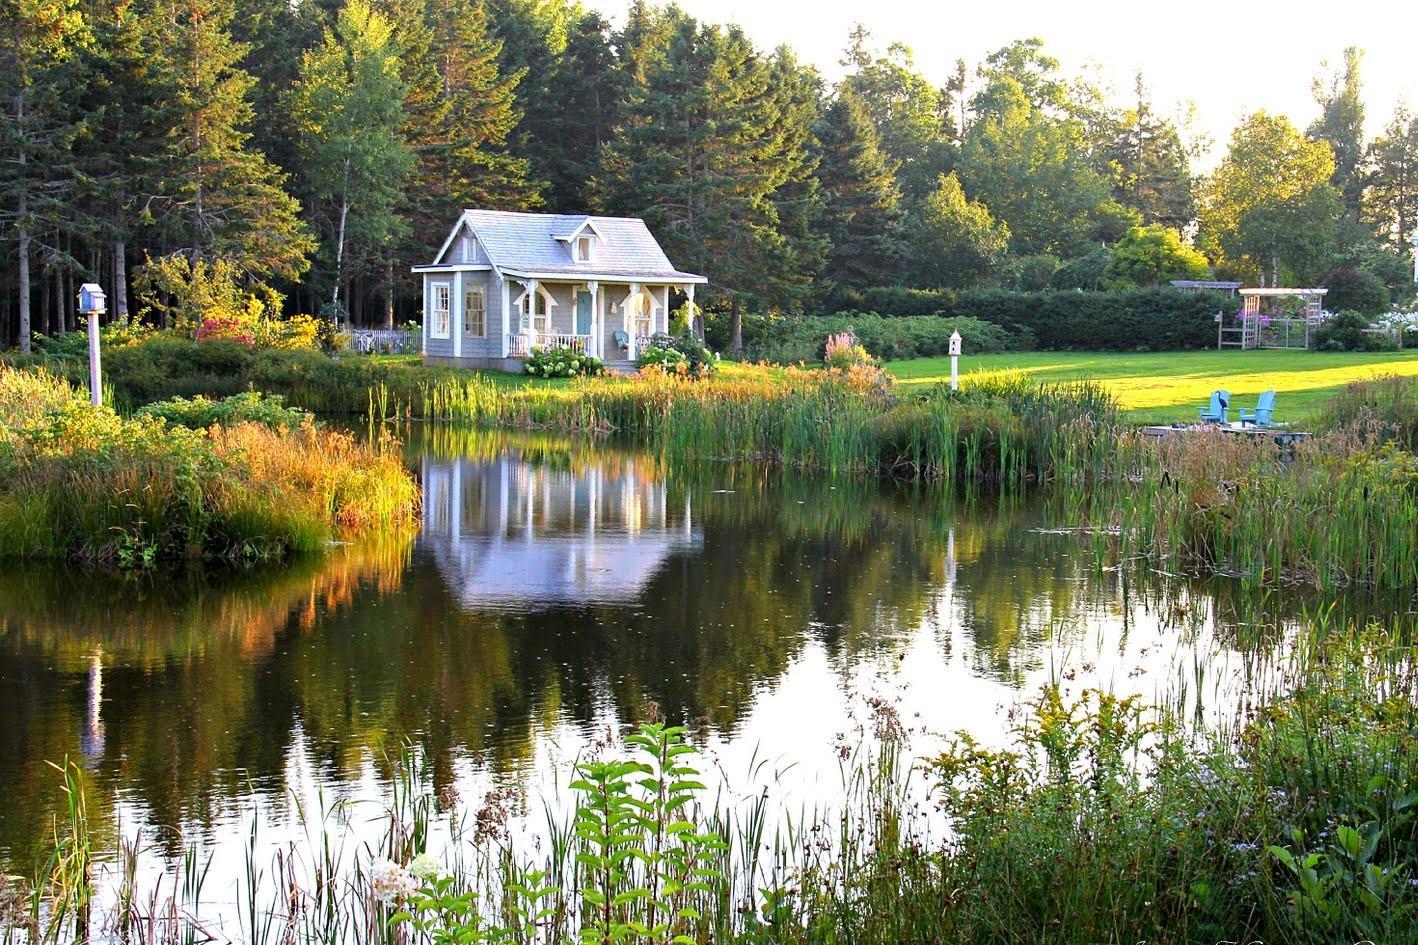 Záhrada,ktorá ťa nikdy neomrzí...divoká a krásna - Obrázok č. 115